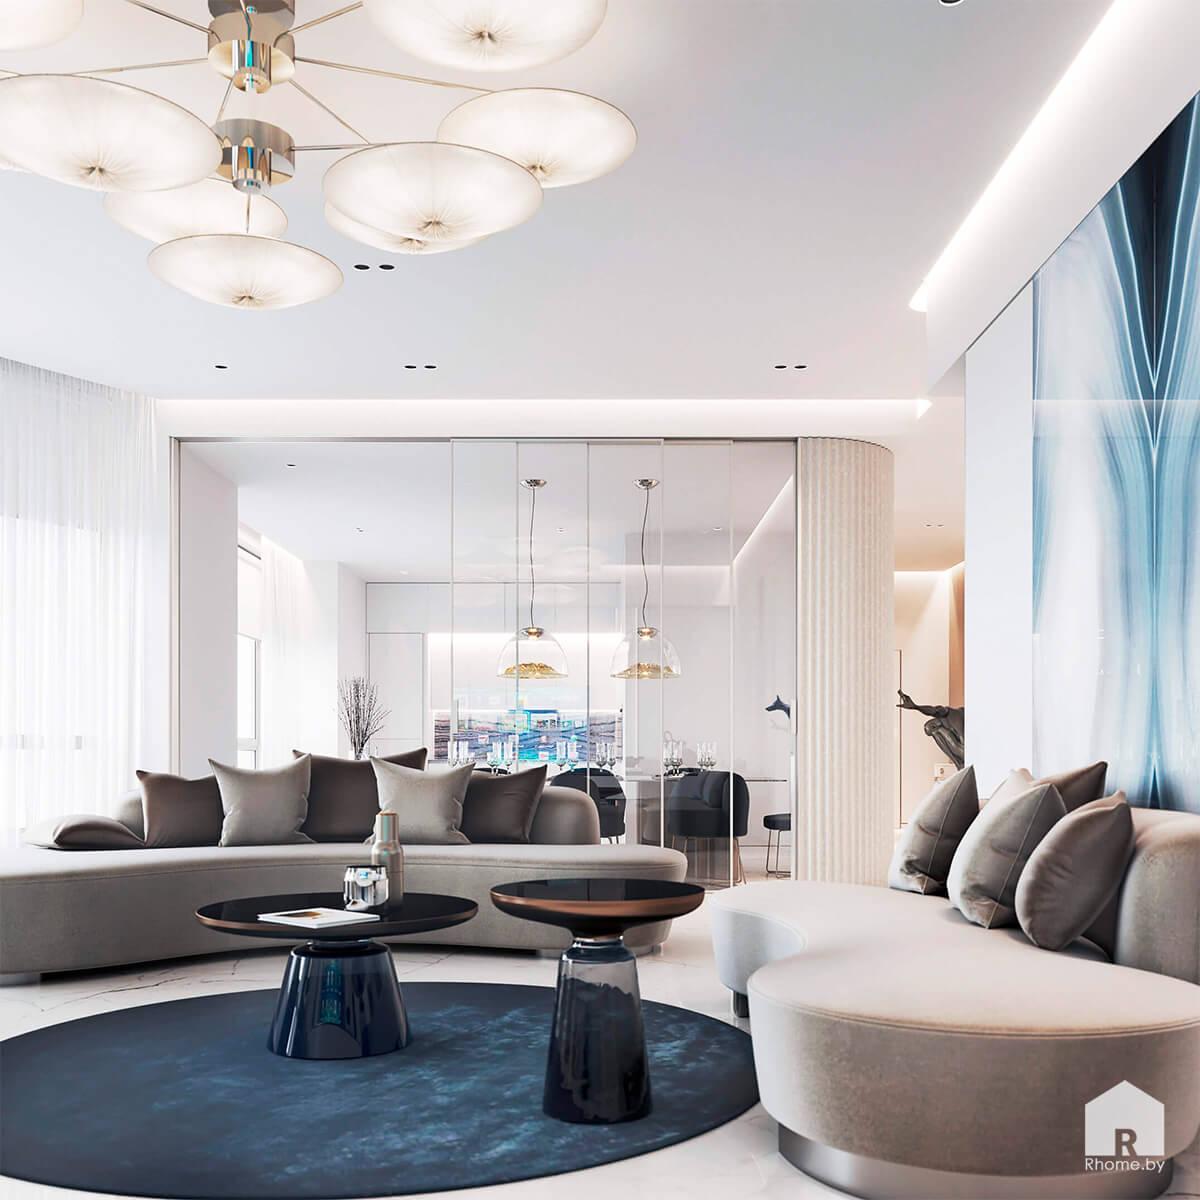 Квартира в Москве. Роскошная гостиная с большой люстрой и диваном с подушками